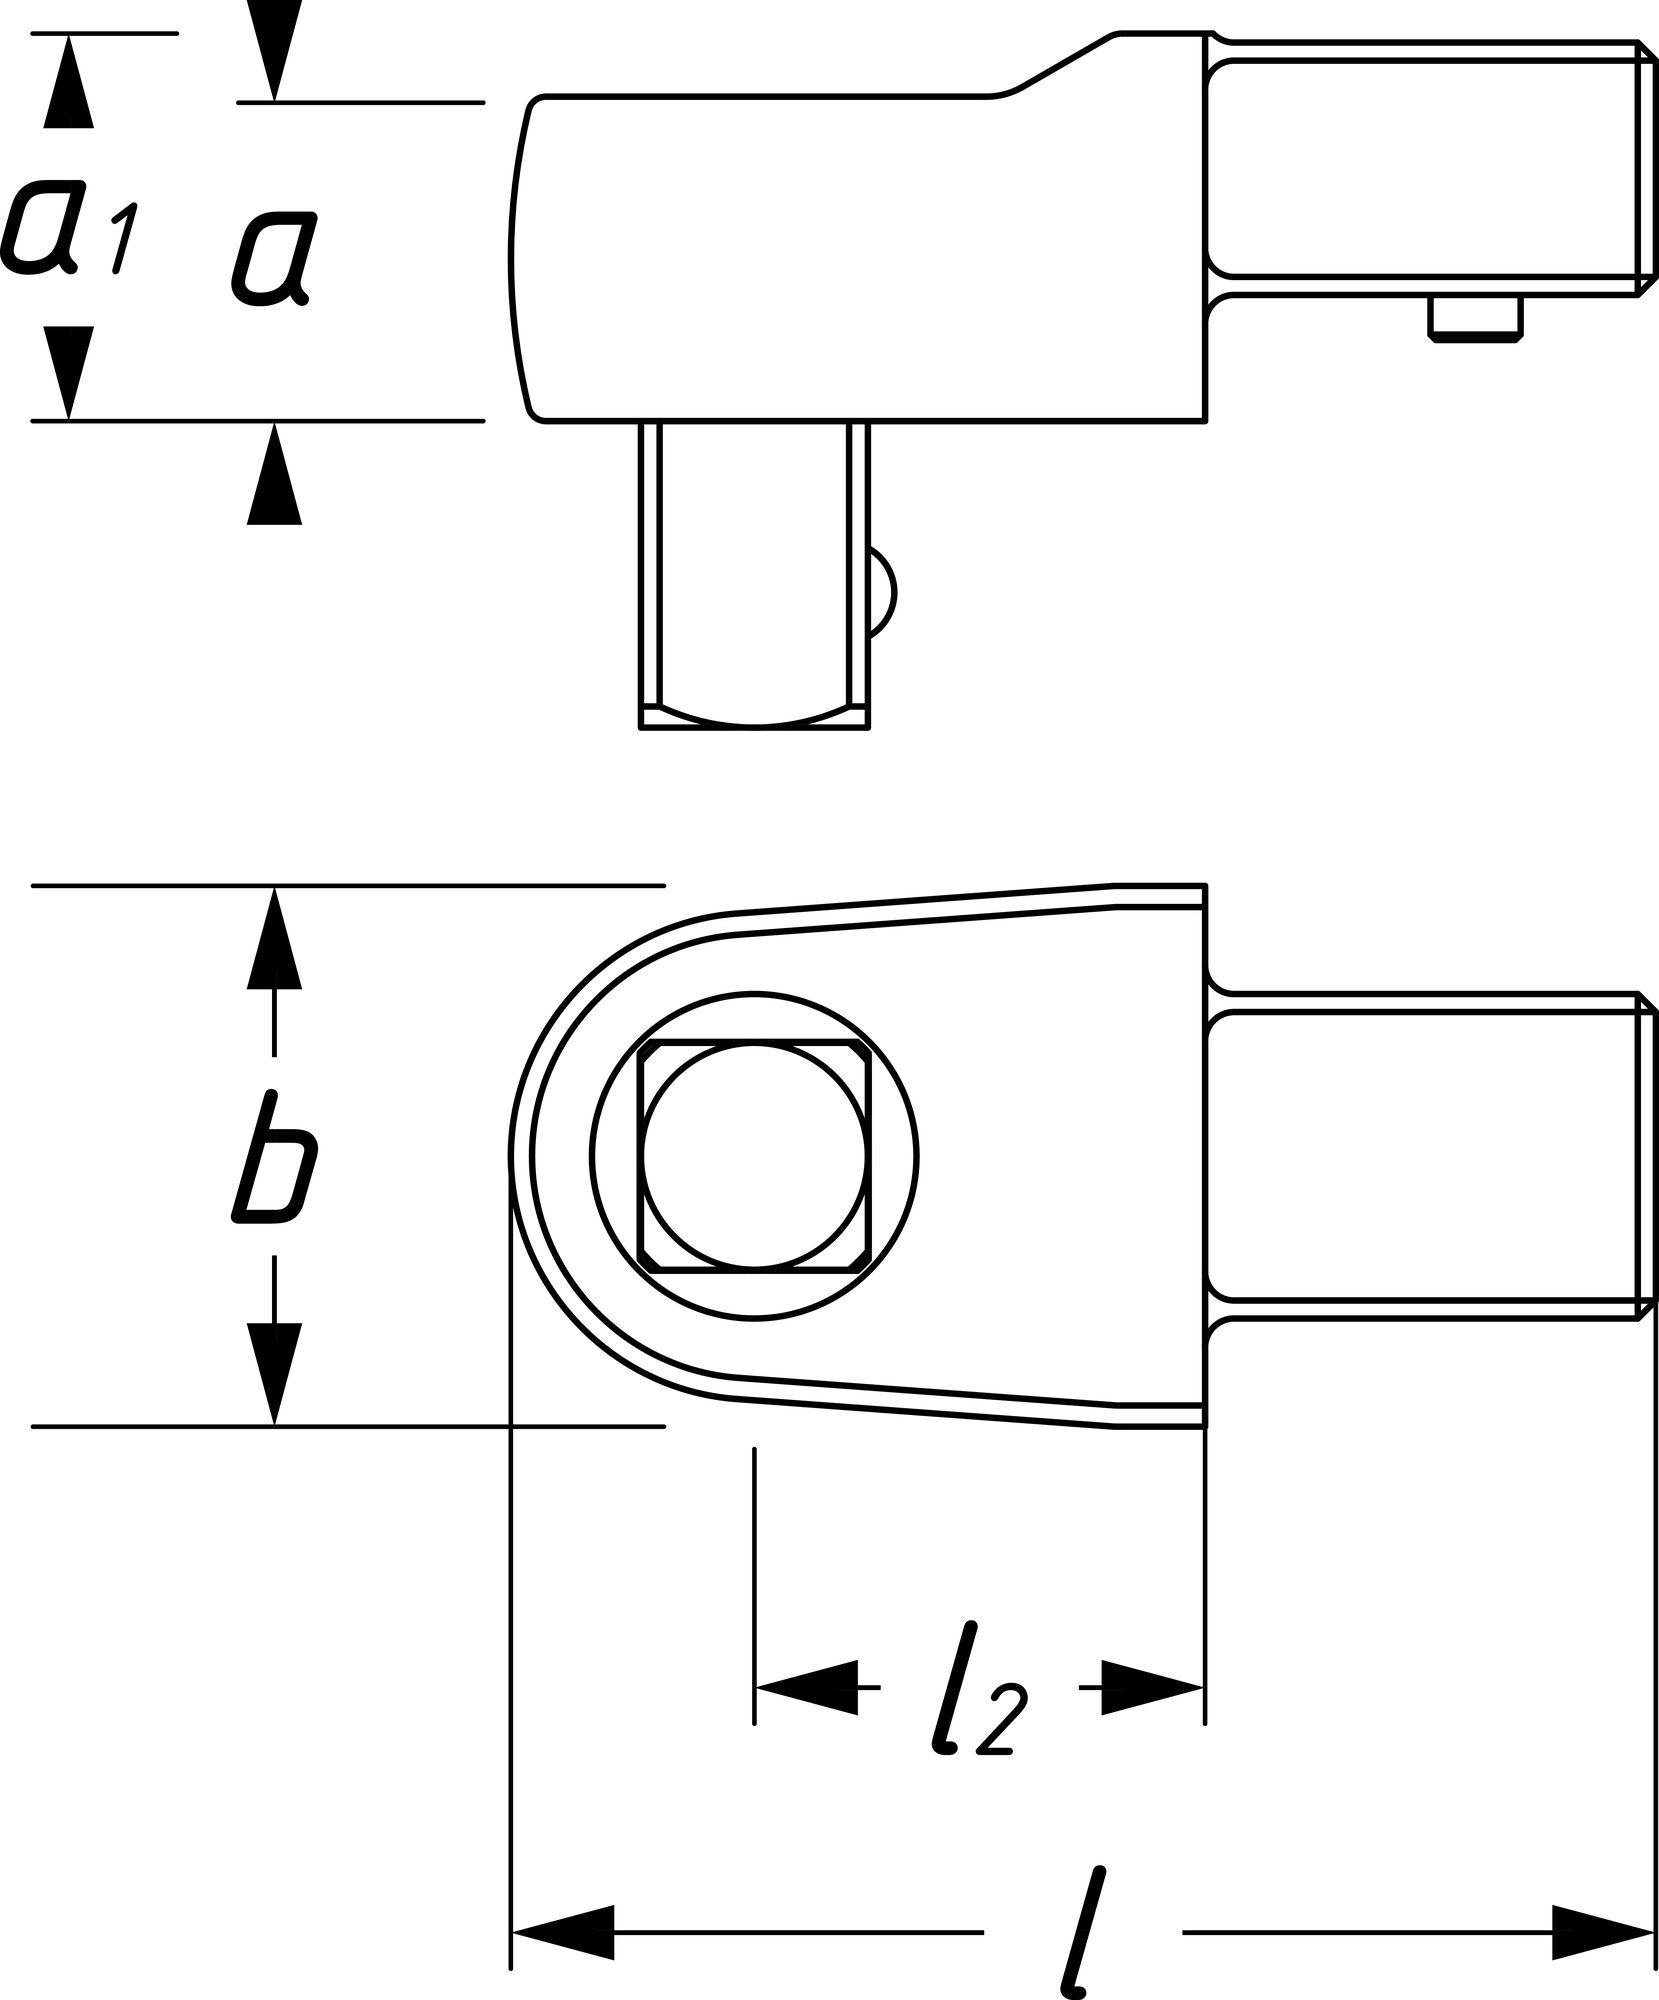 HAZET Einsteck Vierkant-Antriebe 6414 ∙ Einsteck-Vierkant 14 x 18 mm ∙ Vierkant massiv 12,5 mm (1/2 Zoll)